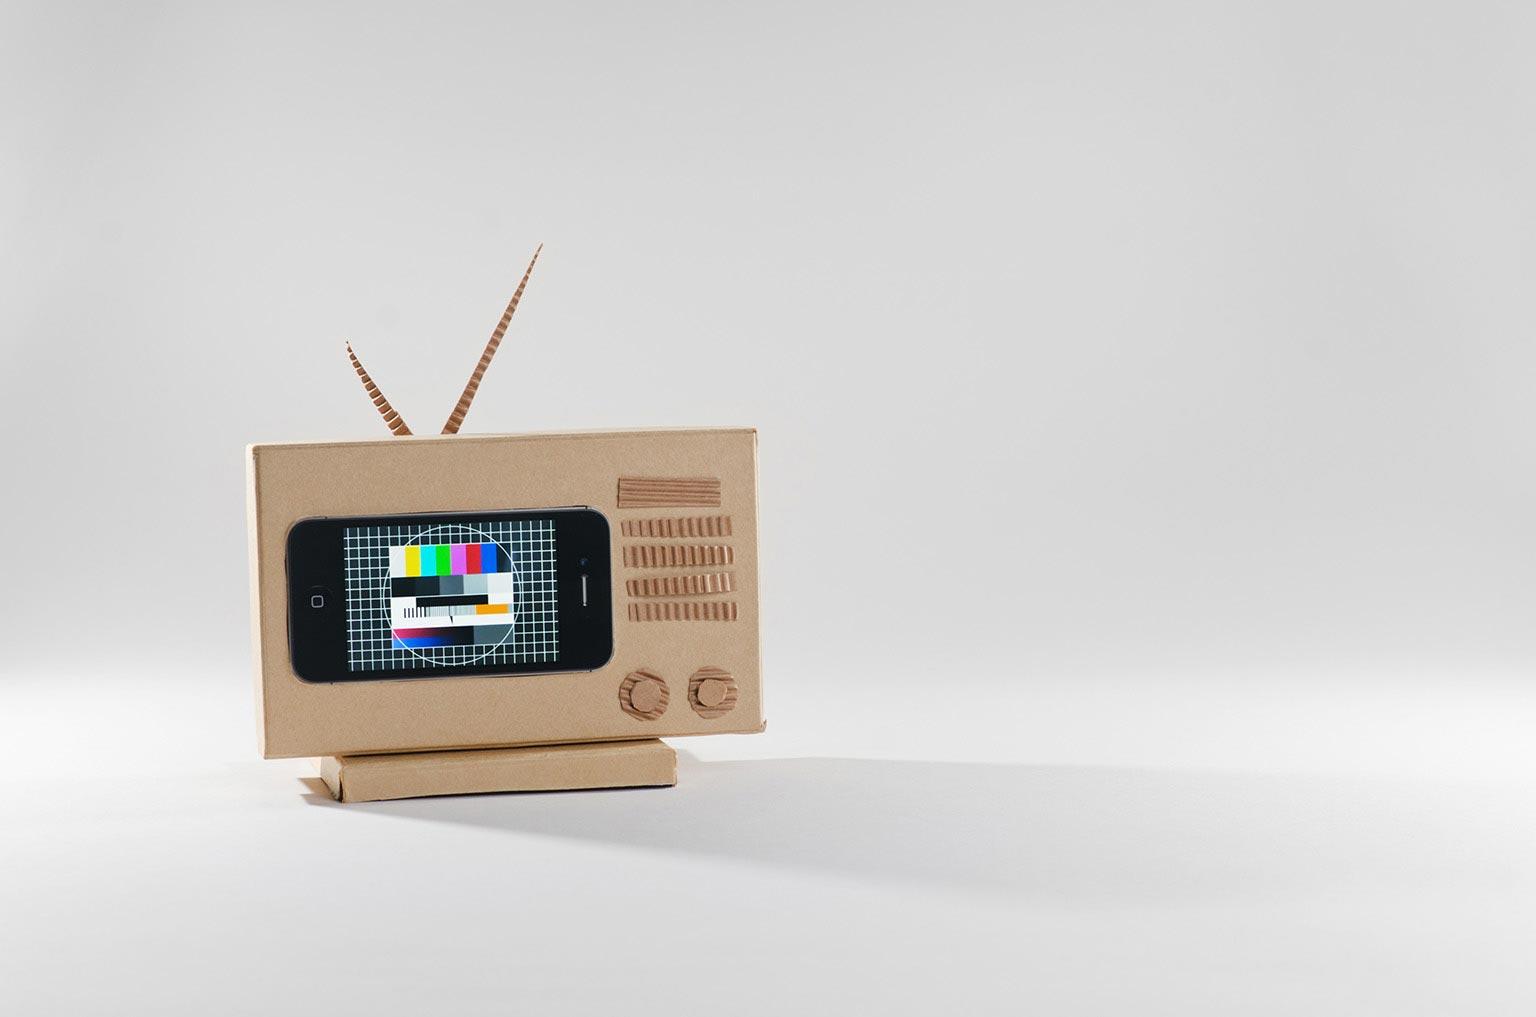 Papp-TV